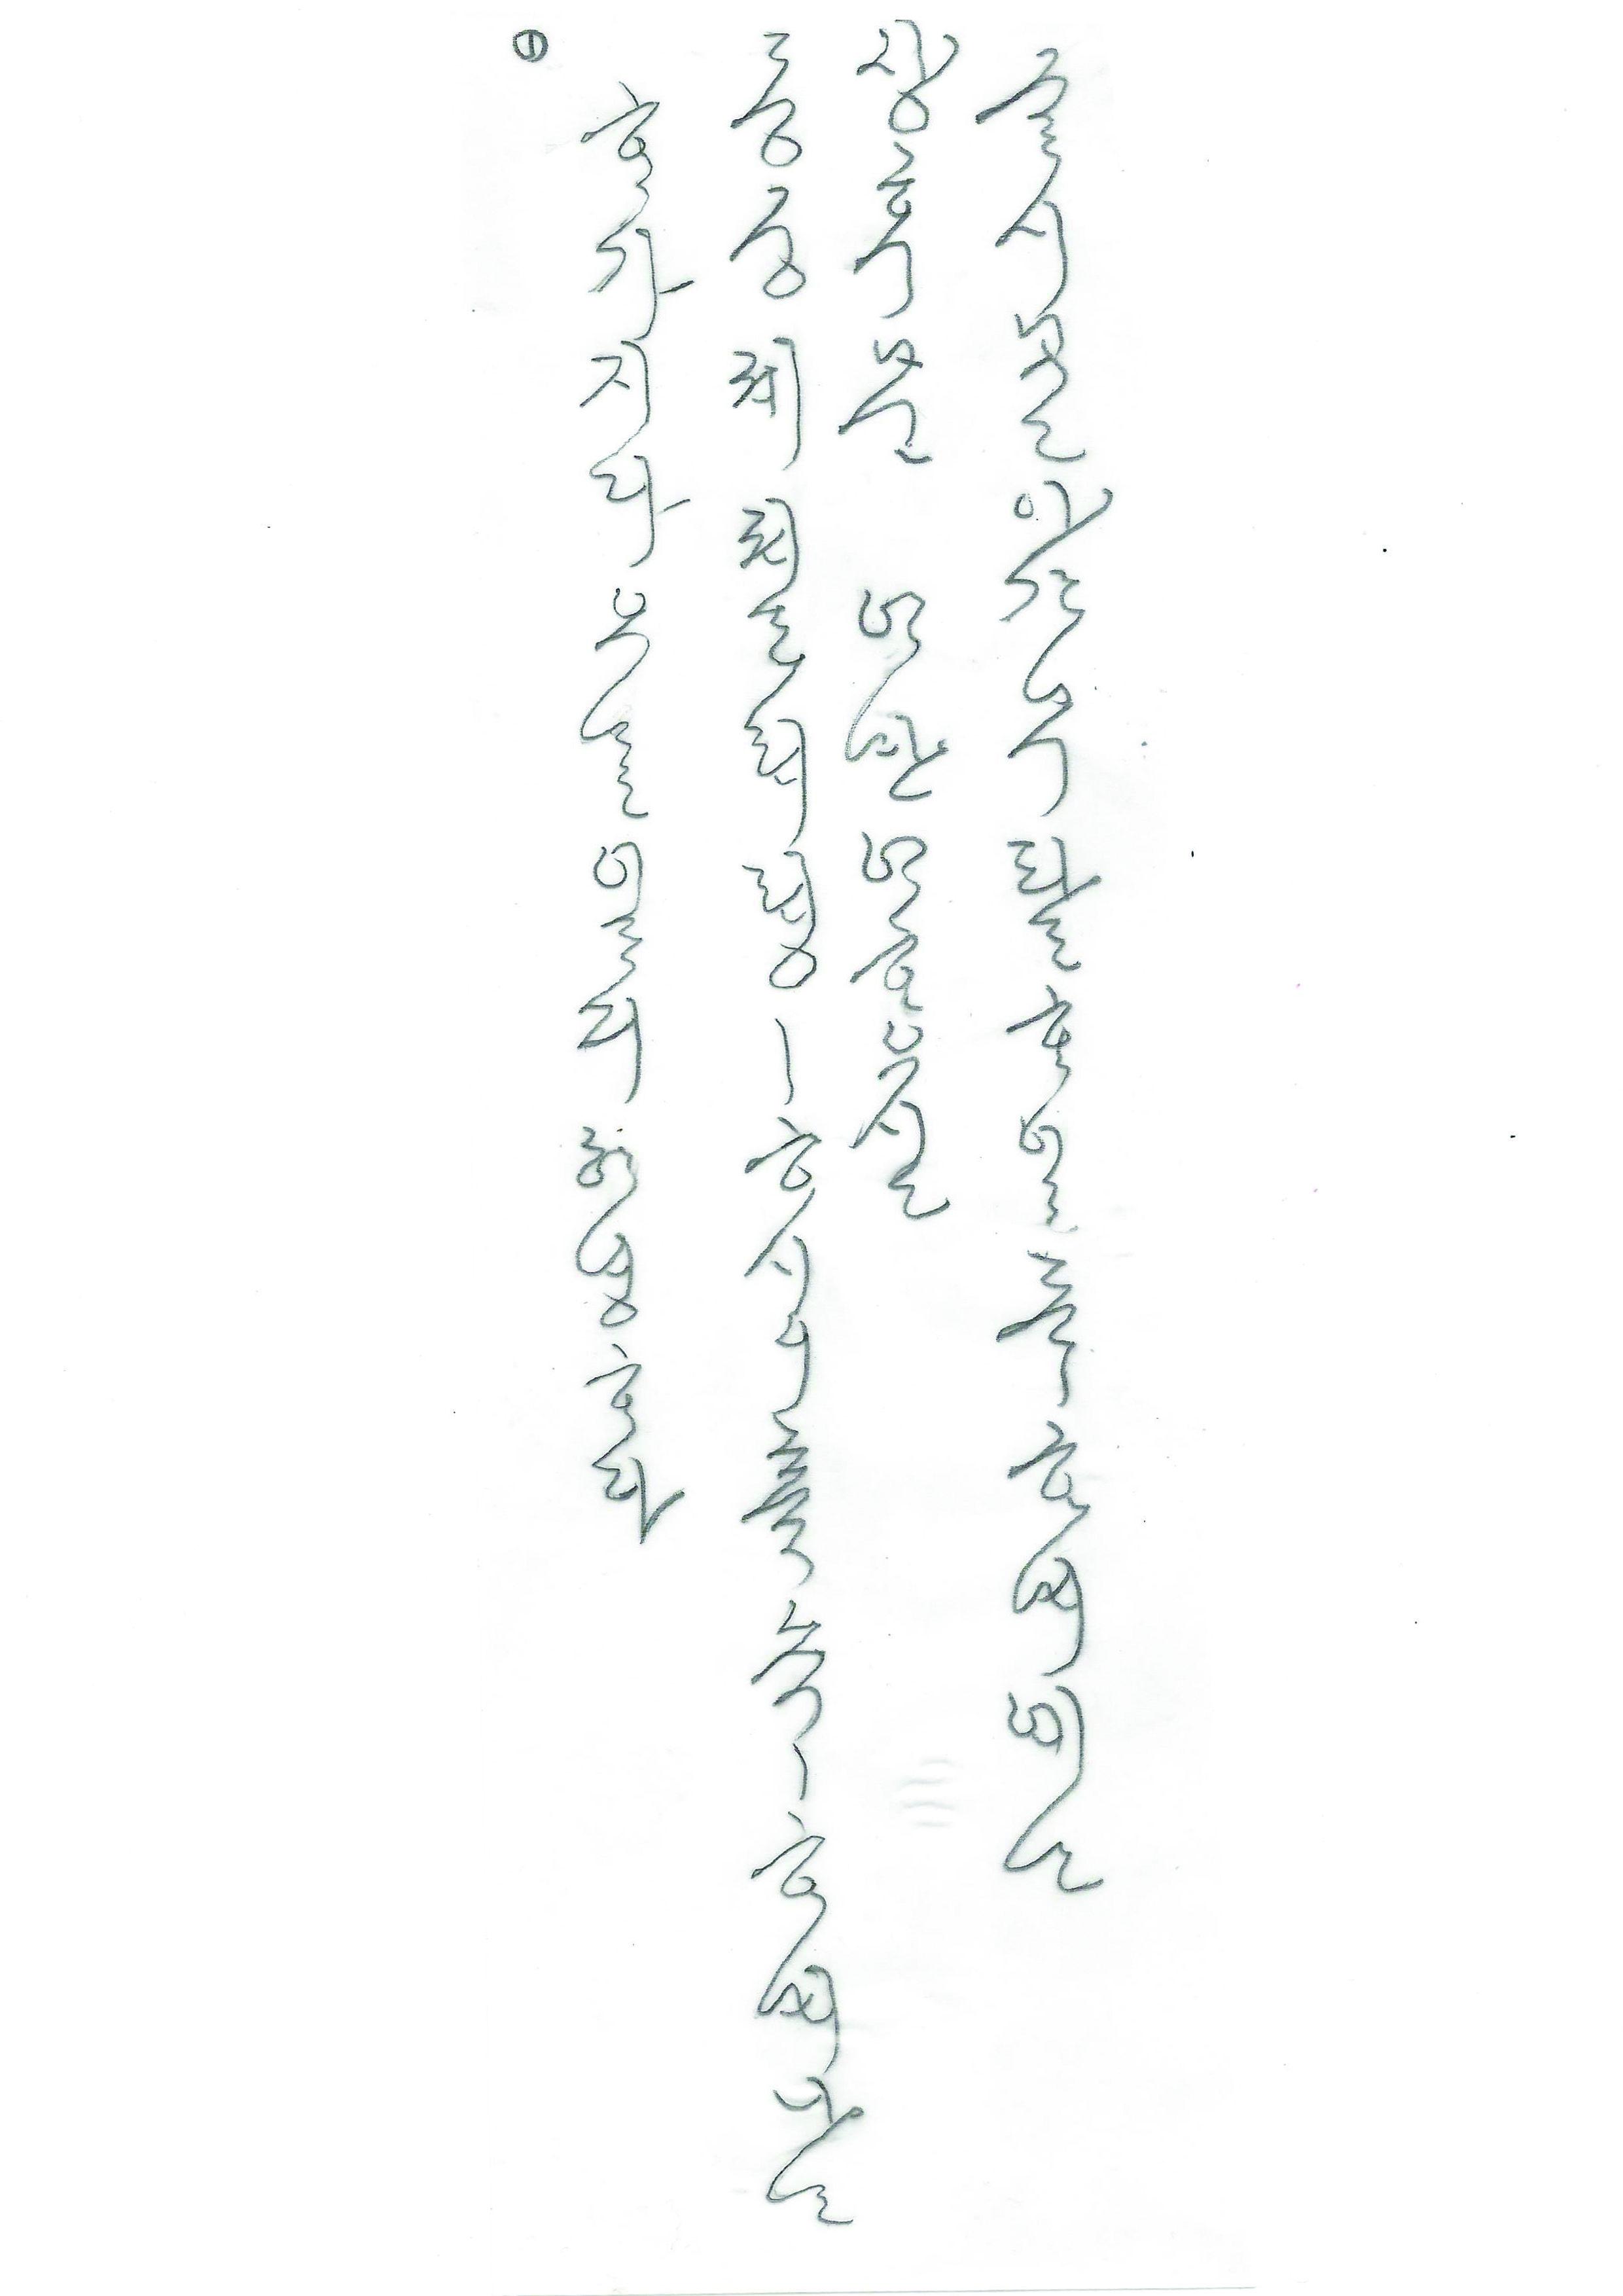 t116B w1 이충근 01  명성황후 한글편지와 조선왕실의 시전지/ 국립고궁박물관 [편].